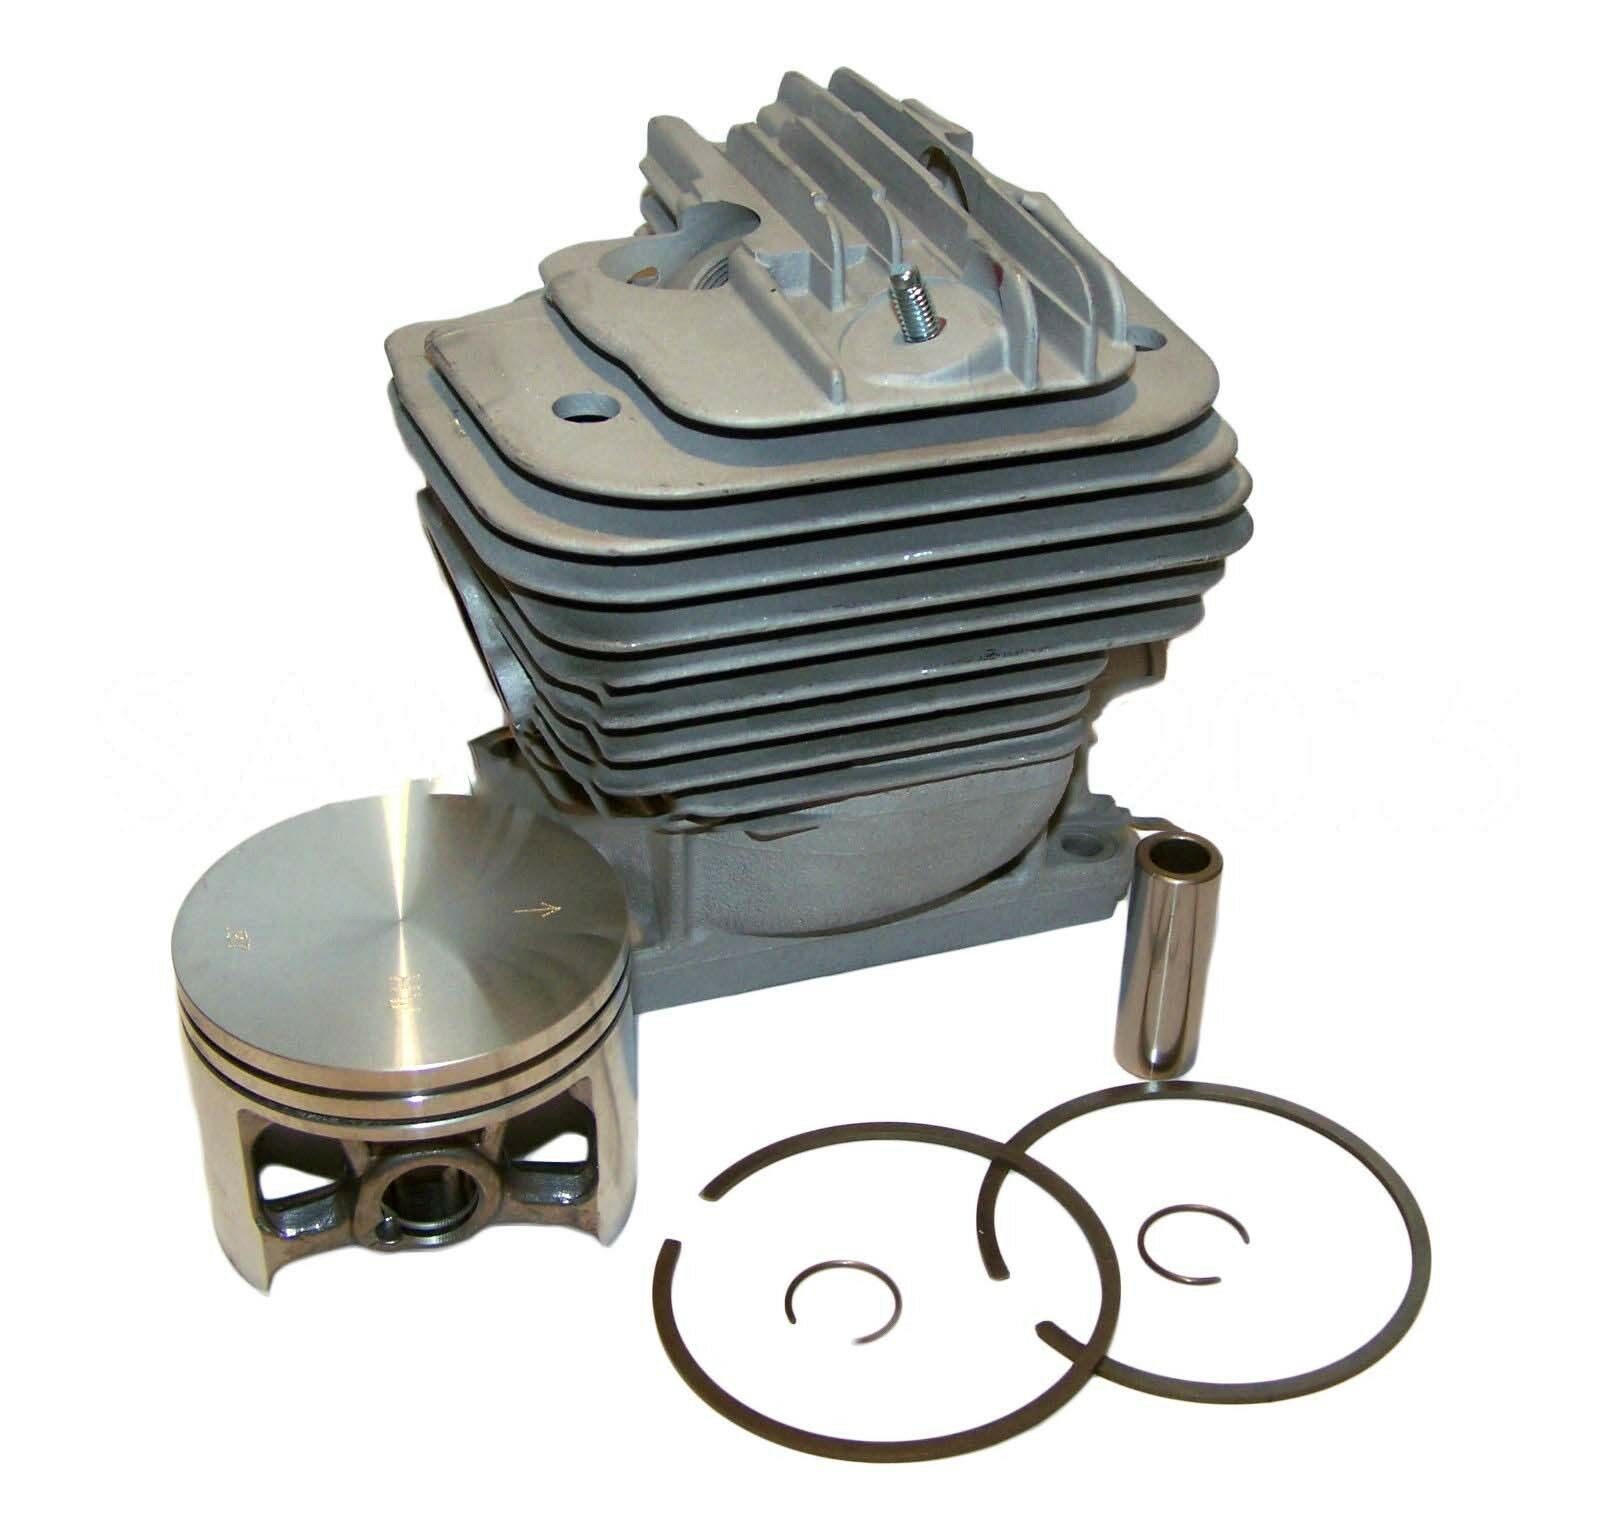 Zylinder mit Kolben passend für Stihl MS661 MS 661 1144 020 1200 Motorsäge